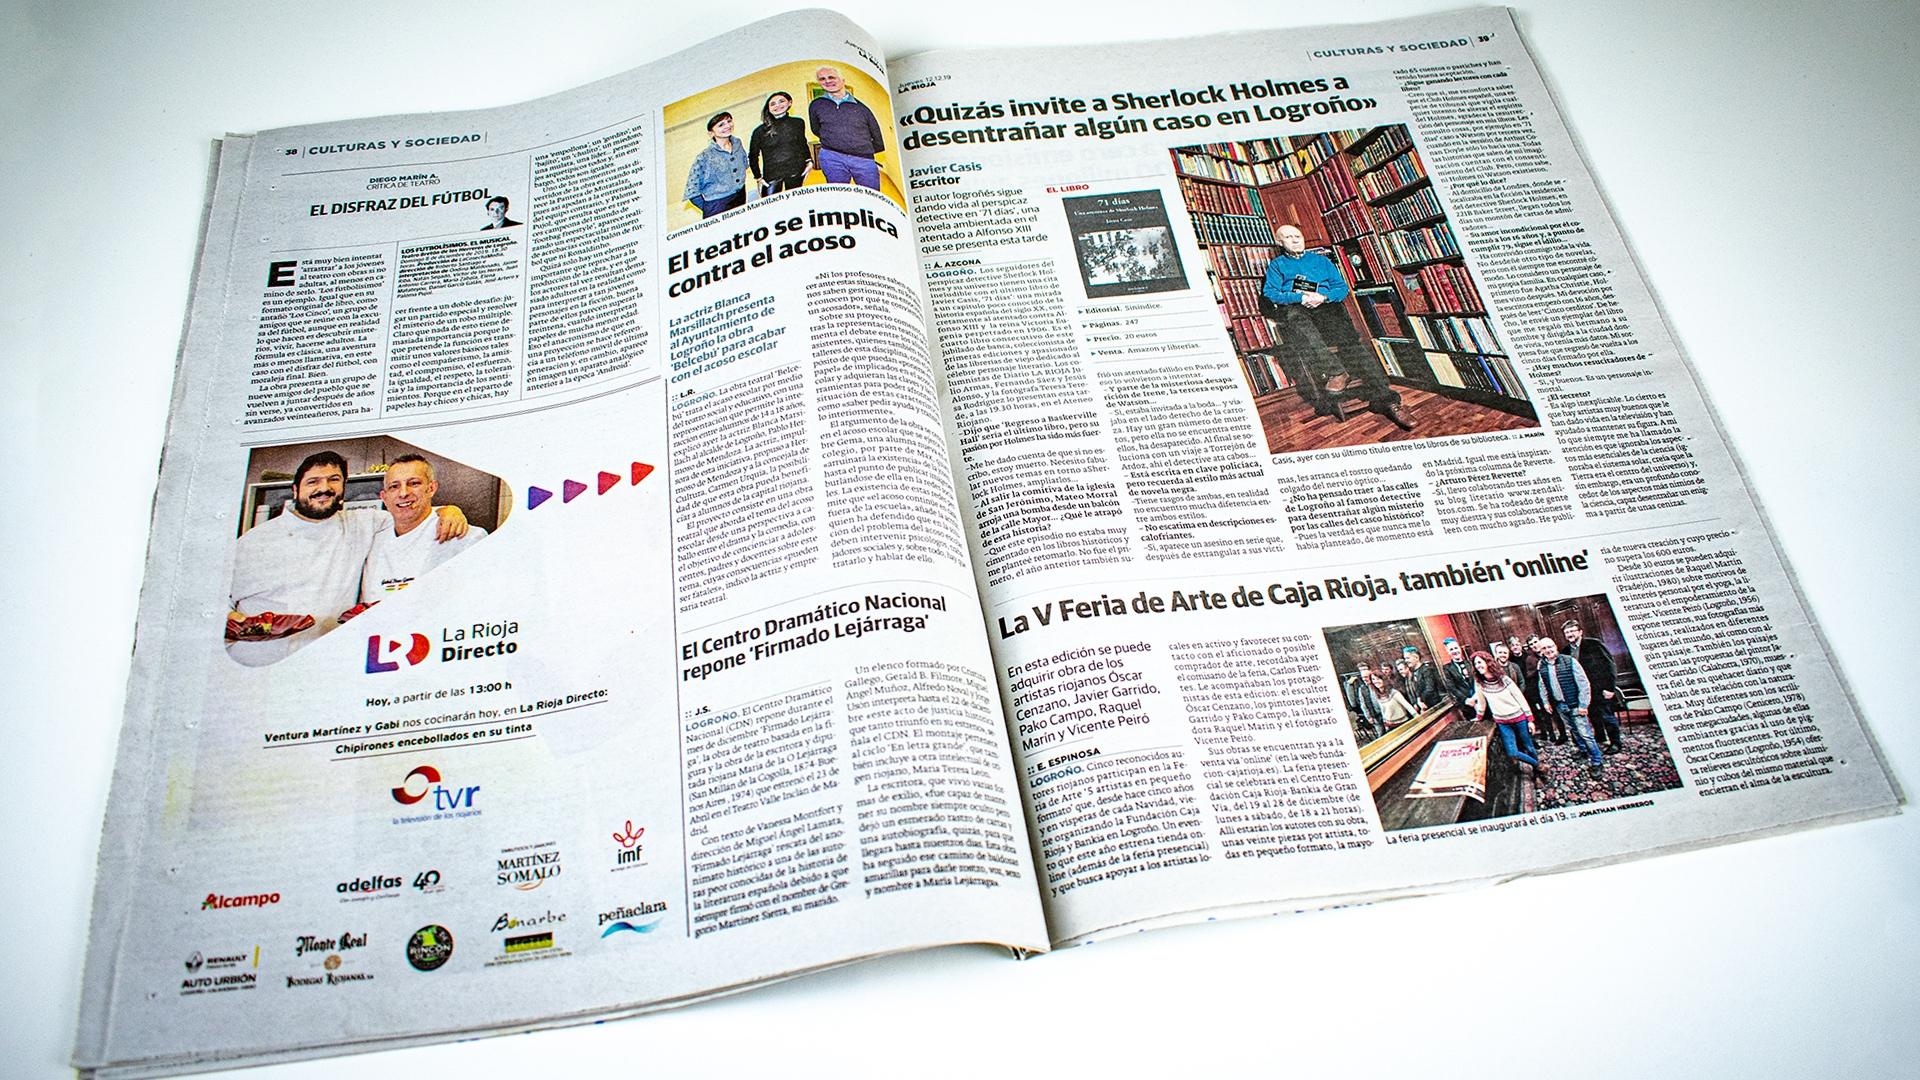 Diario La Rioja. La V Feria de Arte de Caja Rioja, también 'online'